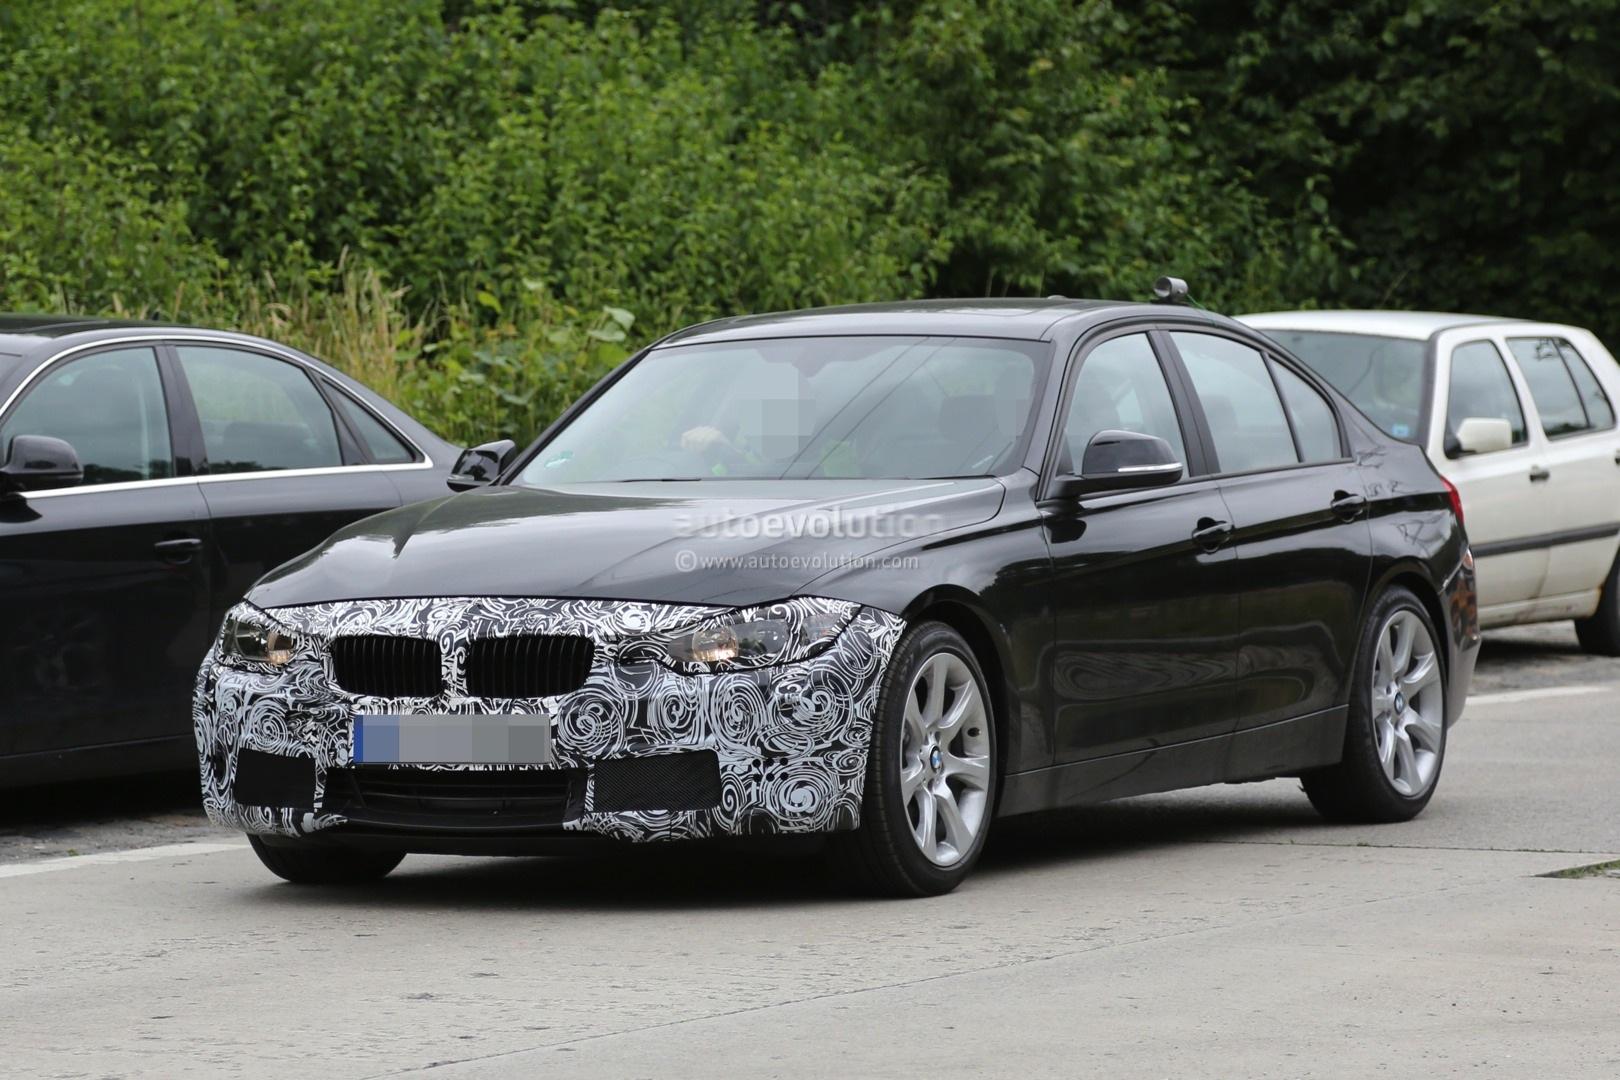 Bmw 3 Series 2015 Facelift 2015 Facelift BMW 3 Se...